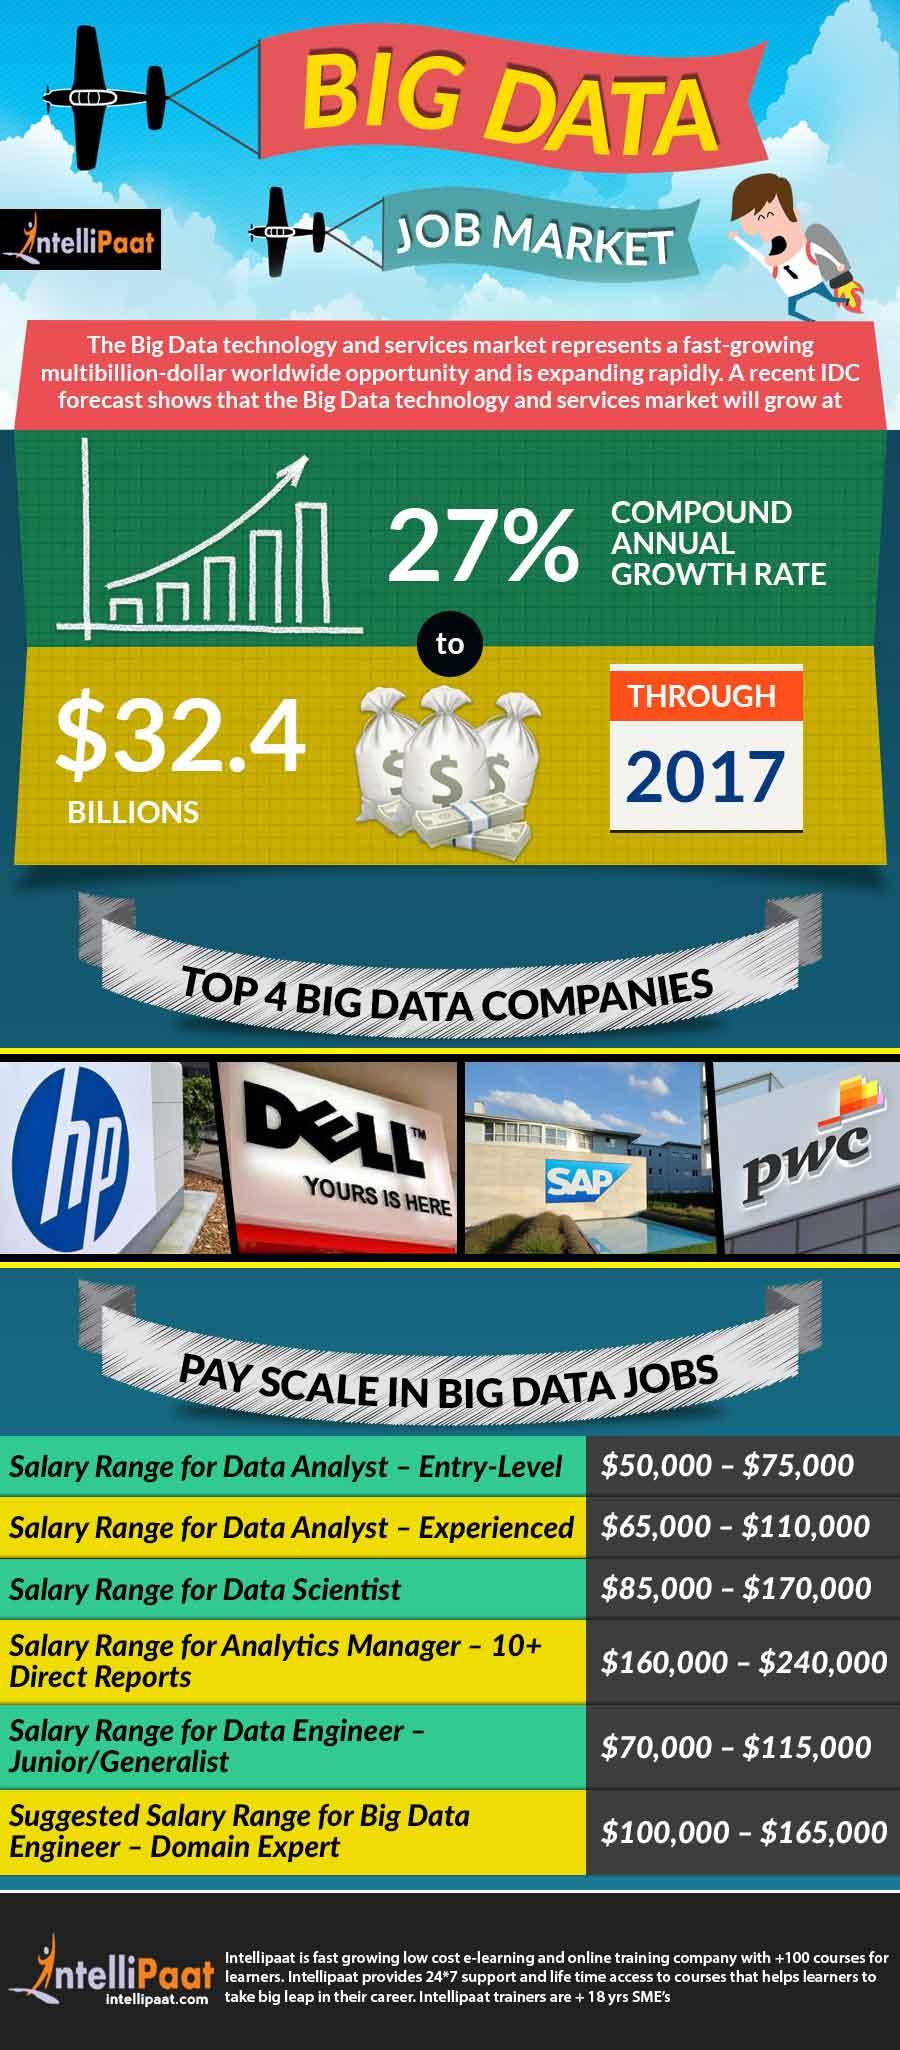 Big-Data-Job-Market